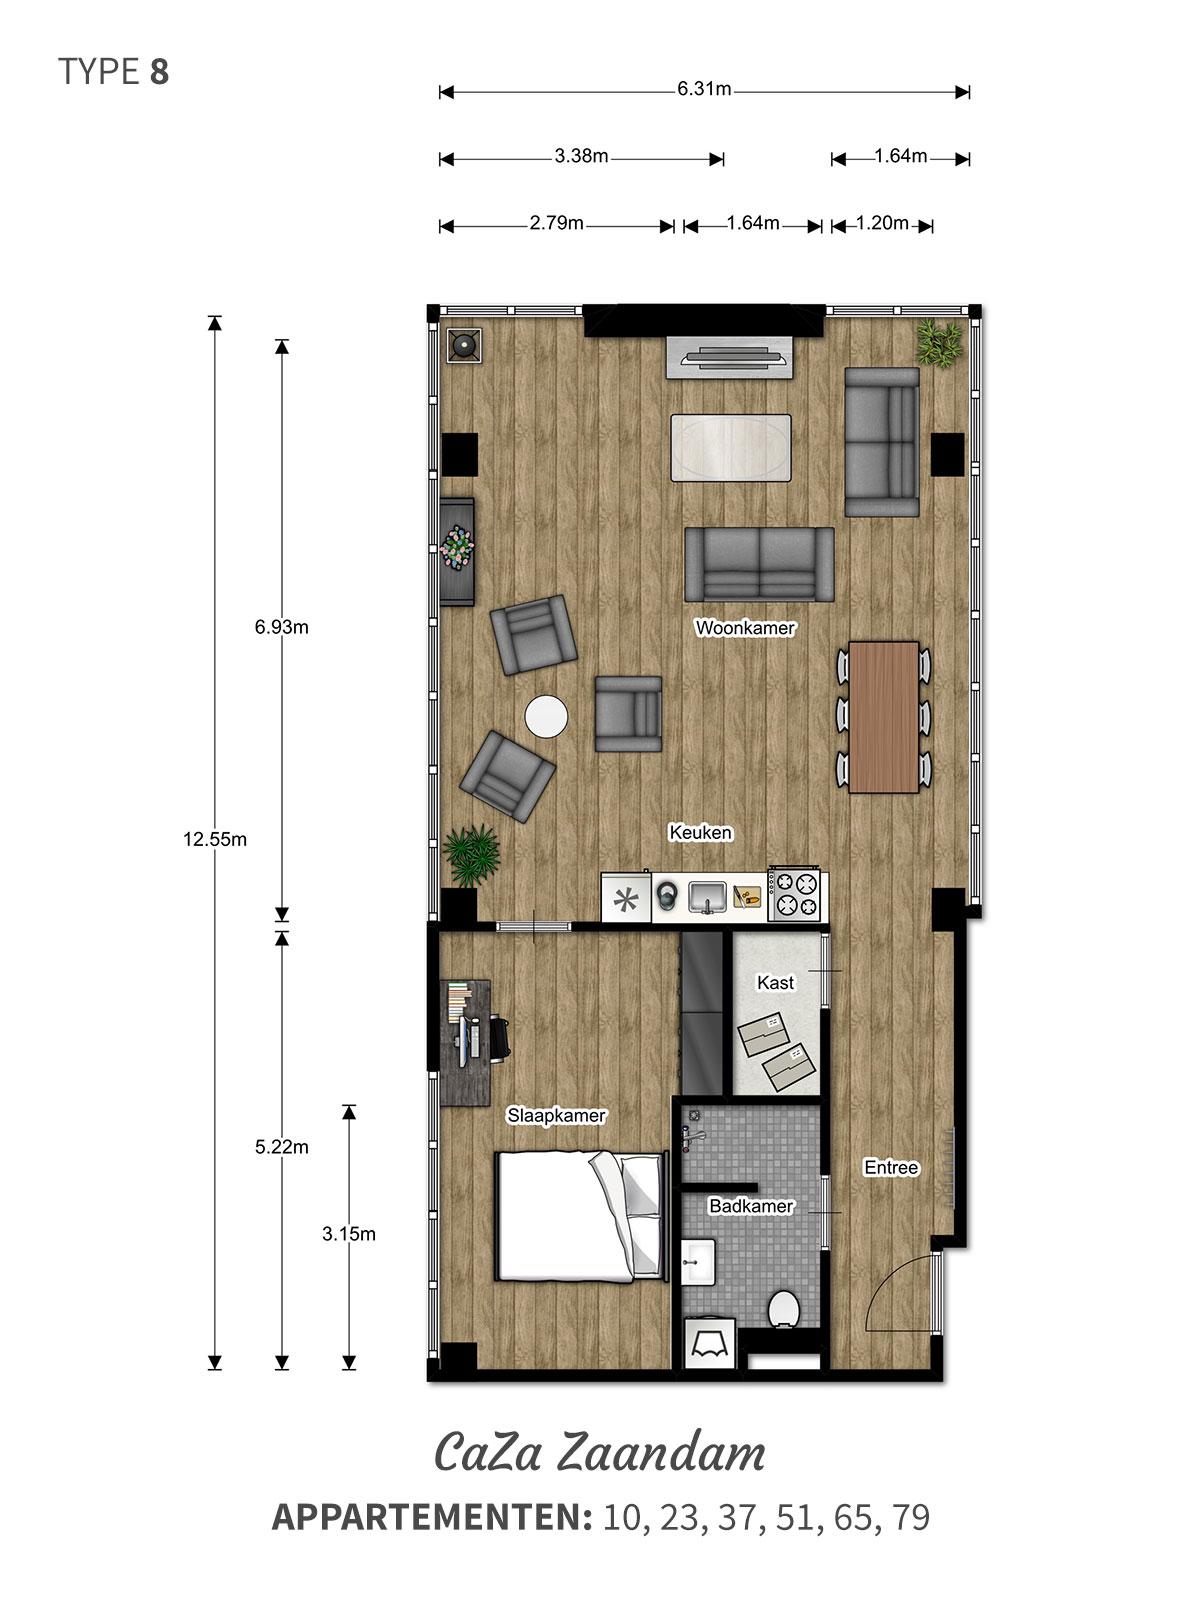 Een ideale woning met prachtig uitzicht - 2 kamer luxe